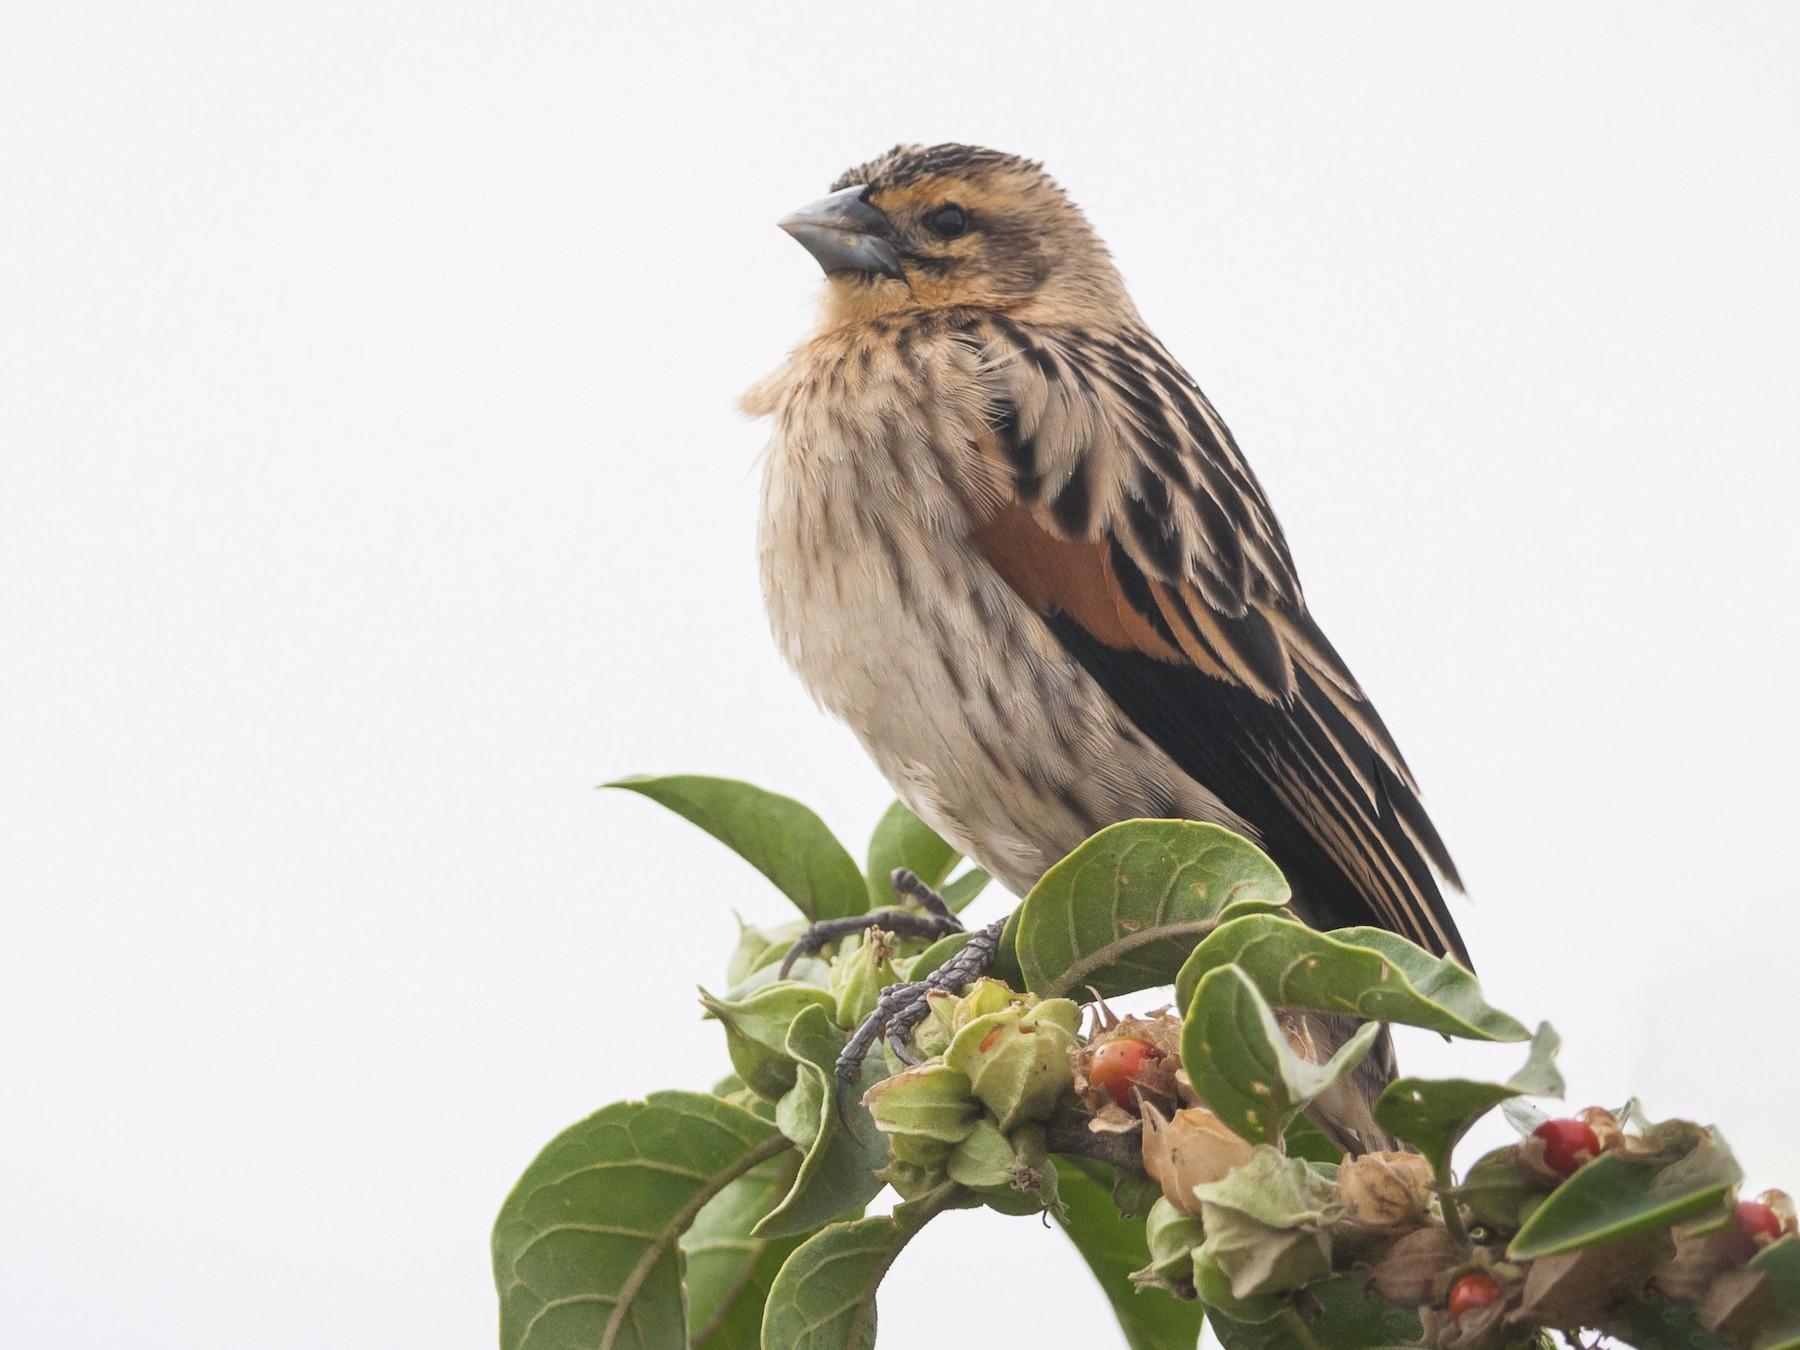 Fan-tailed Widowbird - Claudia Brasileiro